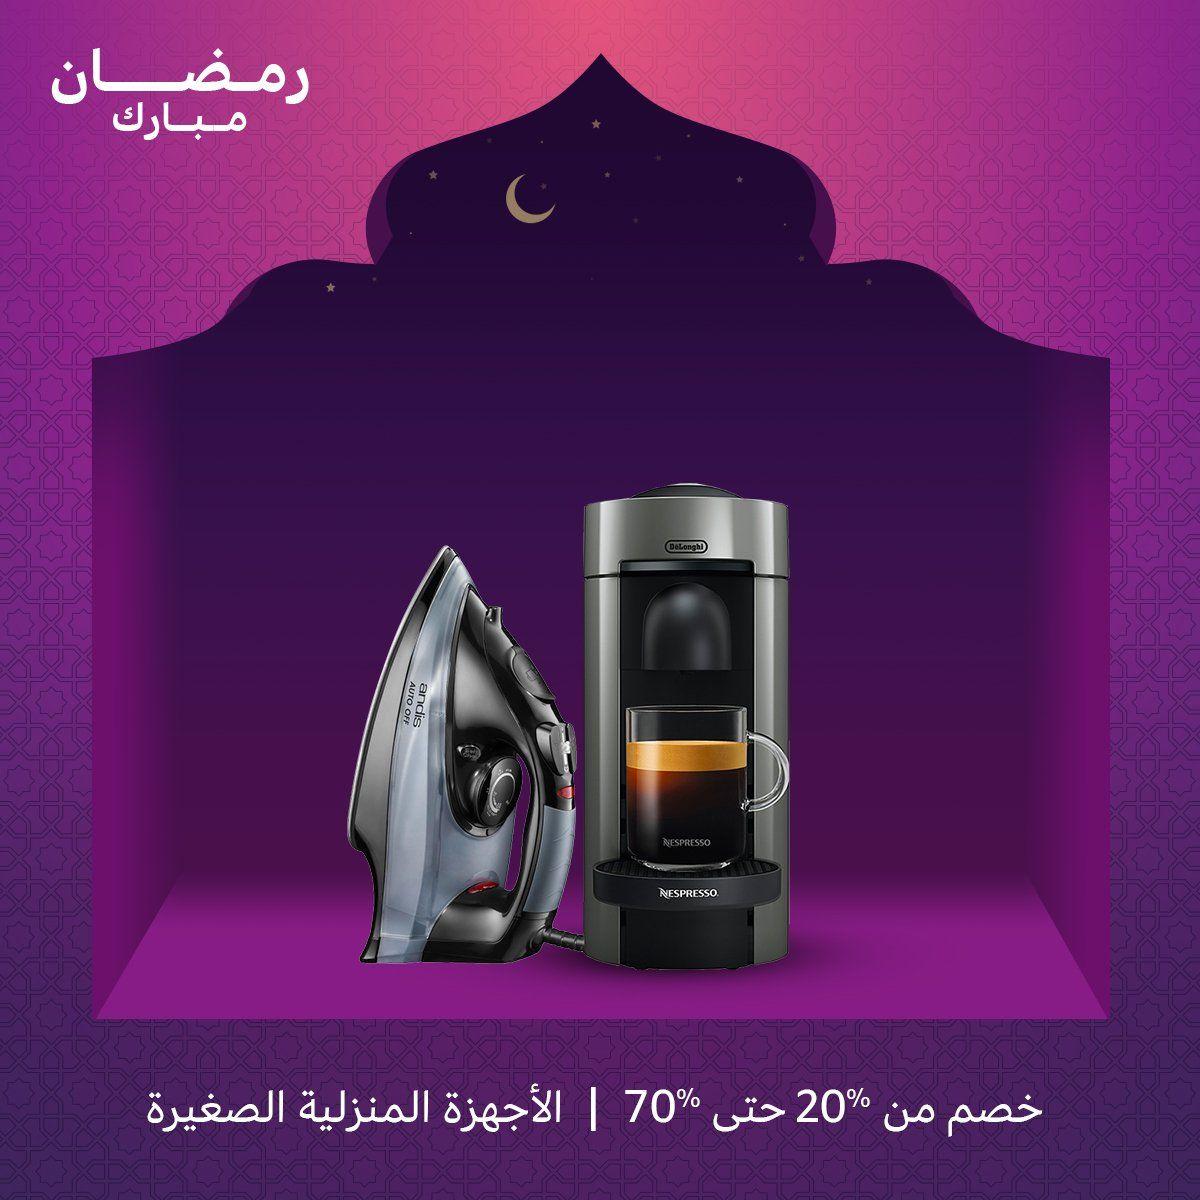 رمضان مبارك عروضنا غير بشهر الخير عروض منوعة على الأجهزة المنزلية الصغيرة مع خصم إضافي 10 عند استخدام كوبون Ramadan تسوق ال Nespresso Decor Home Decor